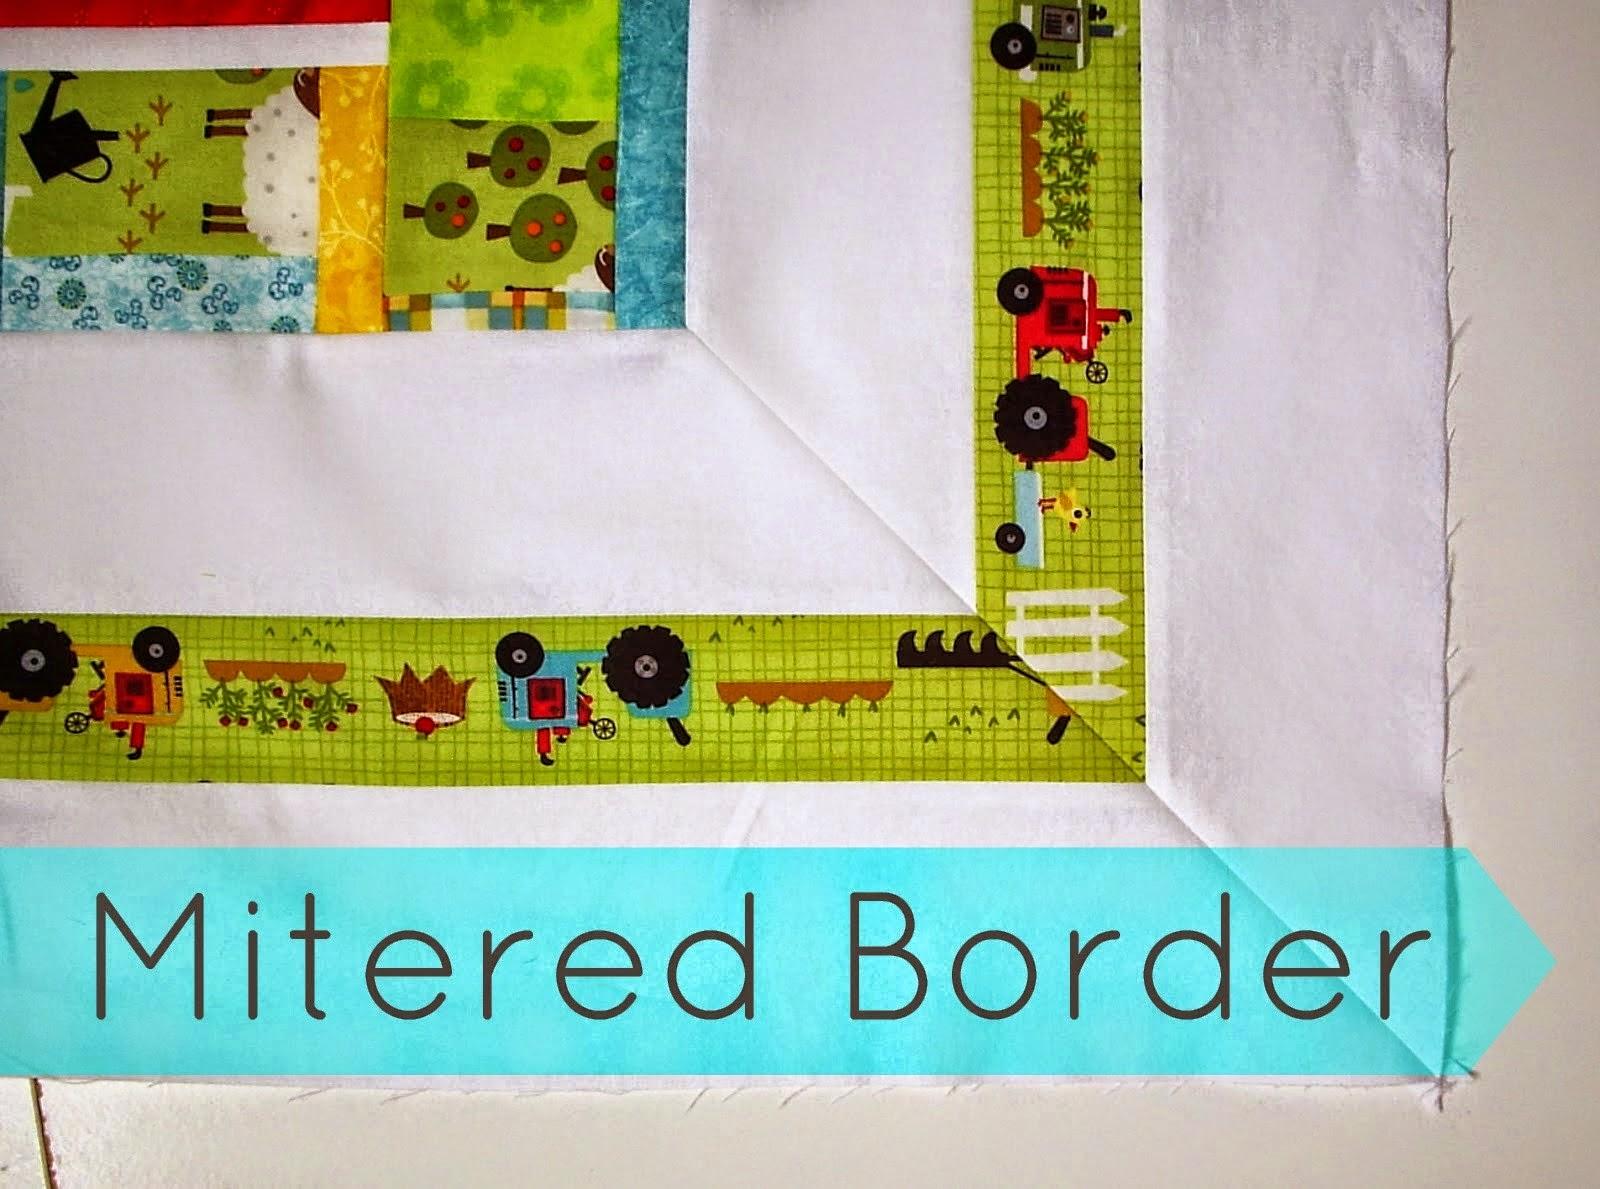 http://sewfreshquilts.blogspot.ca/2013/10/mitered-border-quilt-tutorial